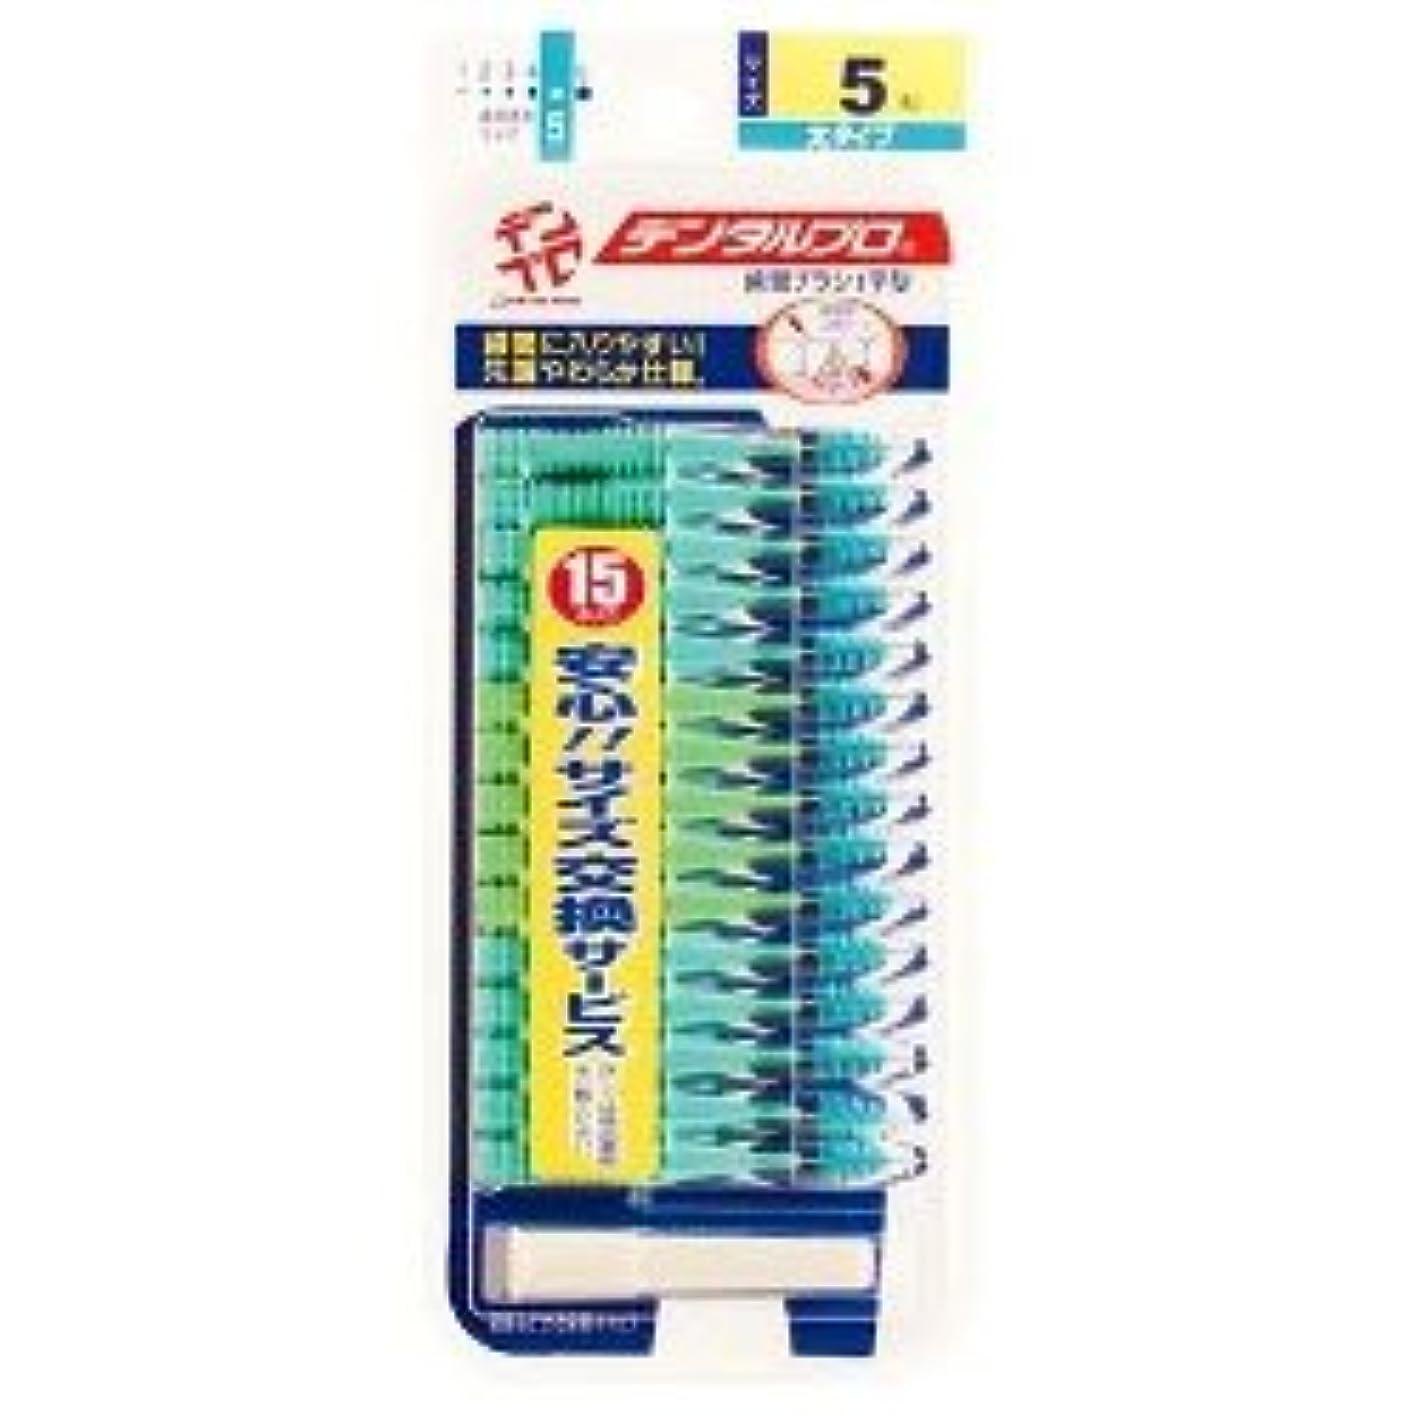 コマンド叫び声露骨な【デンタルプロ】デンタルプロ 歯間ブラシ サイズ5-L 15本入 ×3個セット